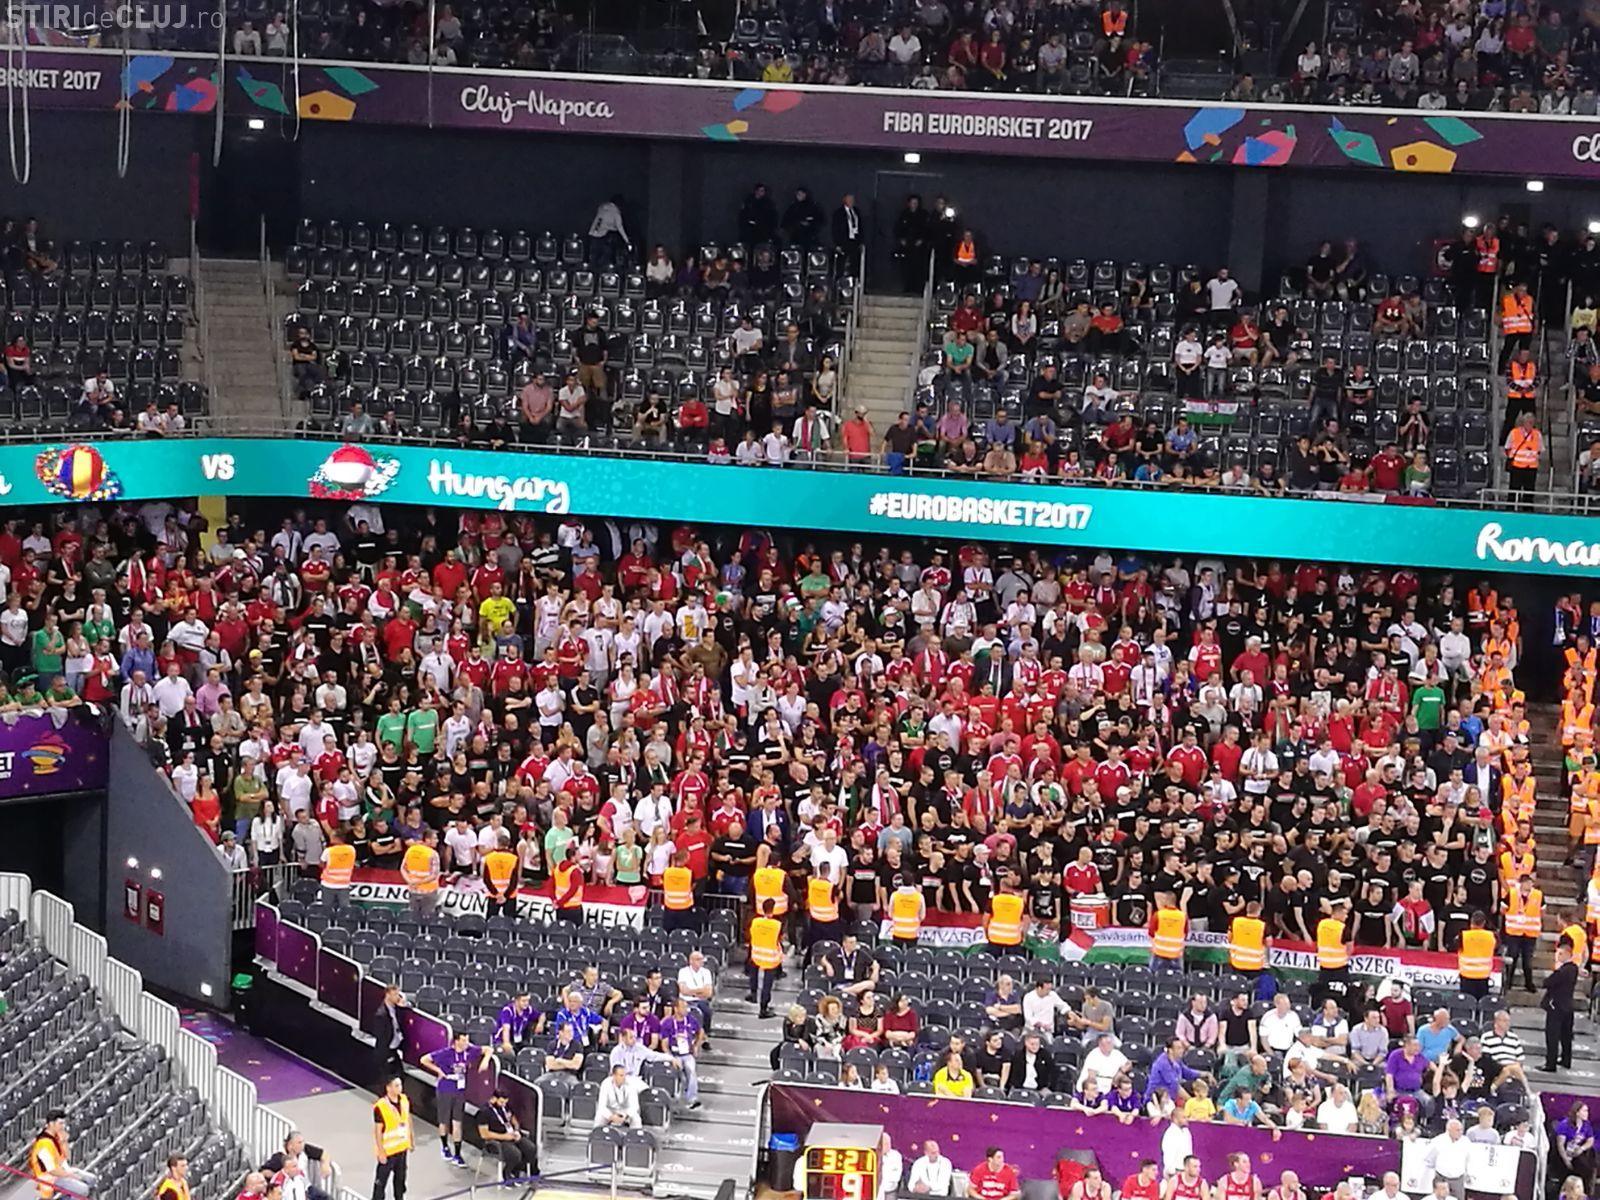 România - Ungaria la EuroBasket. Am pierdut meciul și am RATAT calificarea - VIDEO